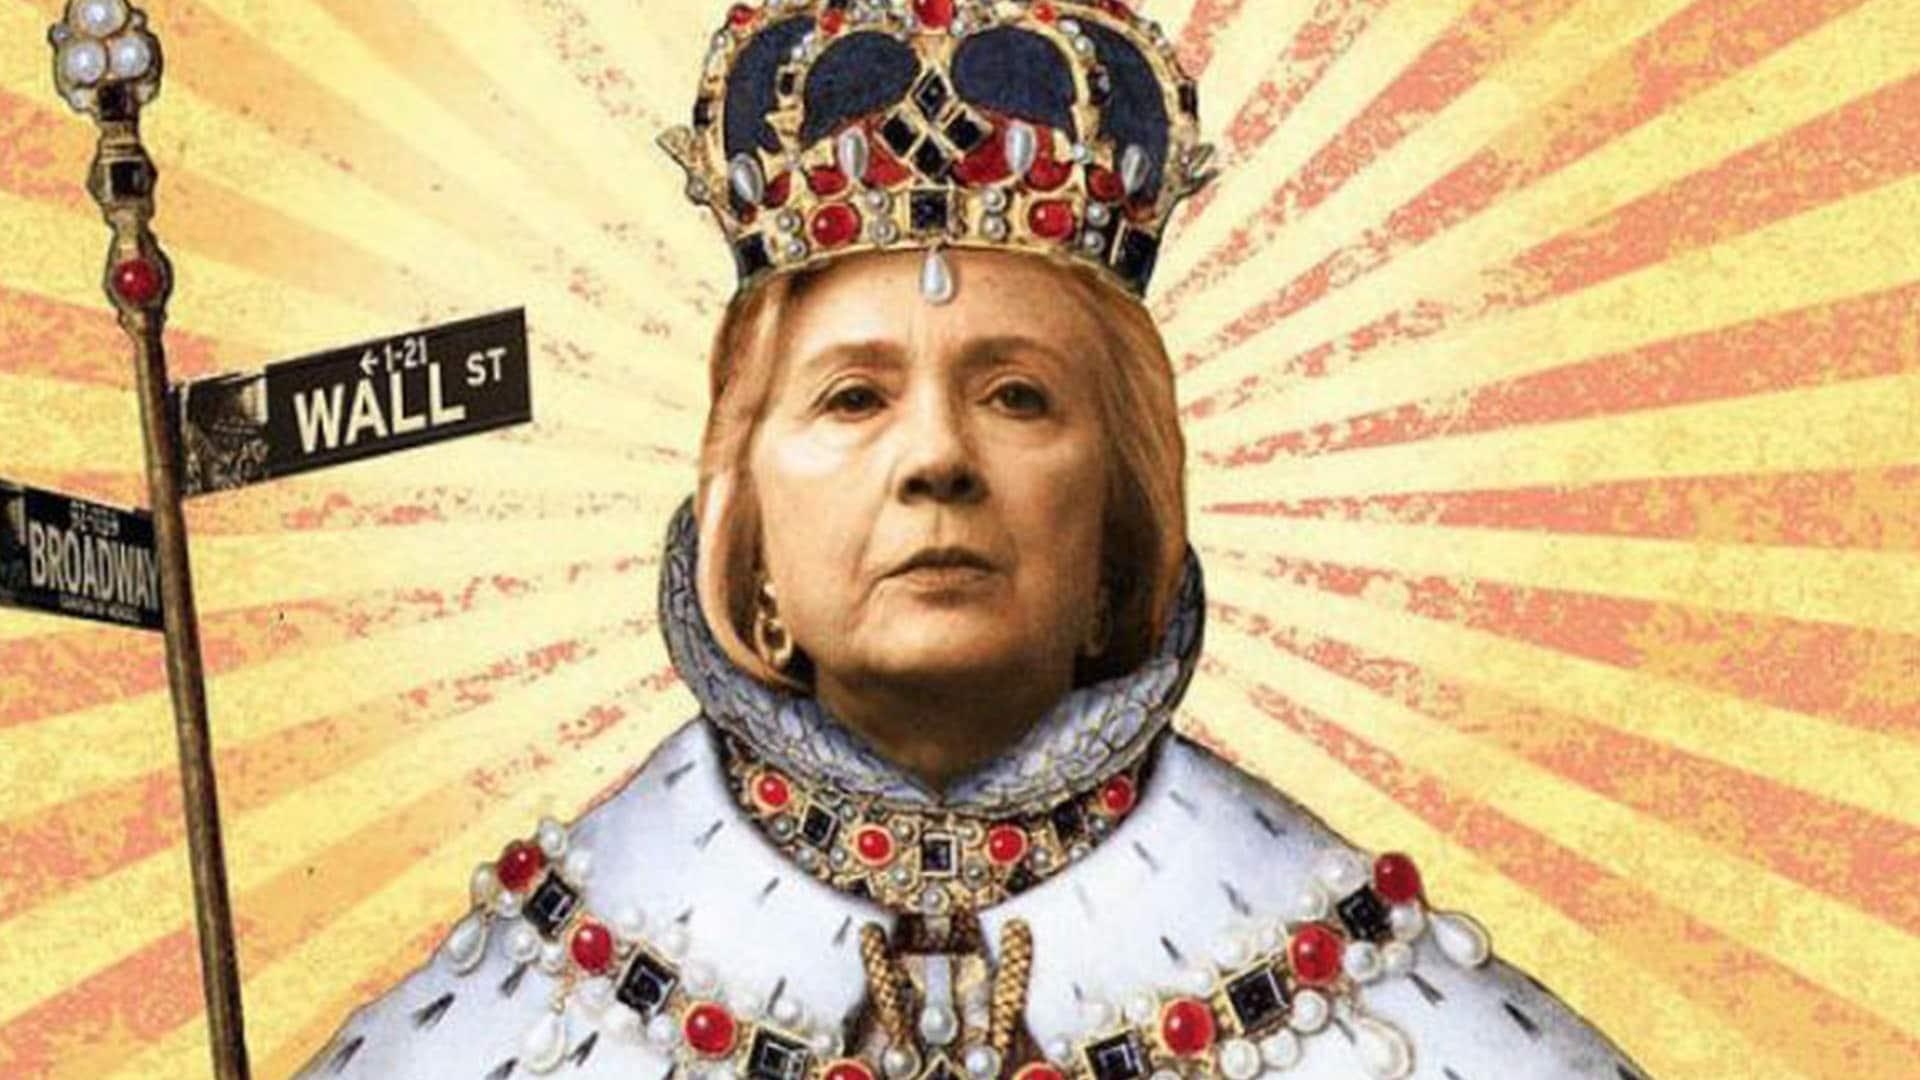 Thursday-The Democrat Shampeachment Case Unfolds: Trump & Putin Stole Queen Hillary's Throne